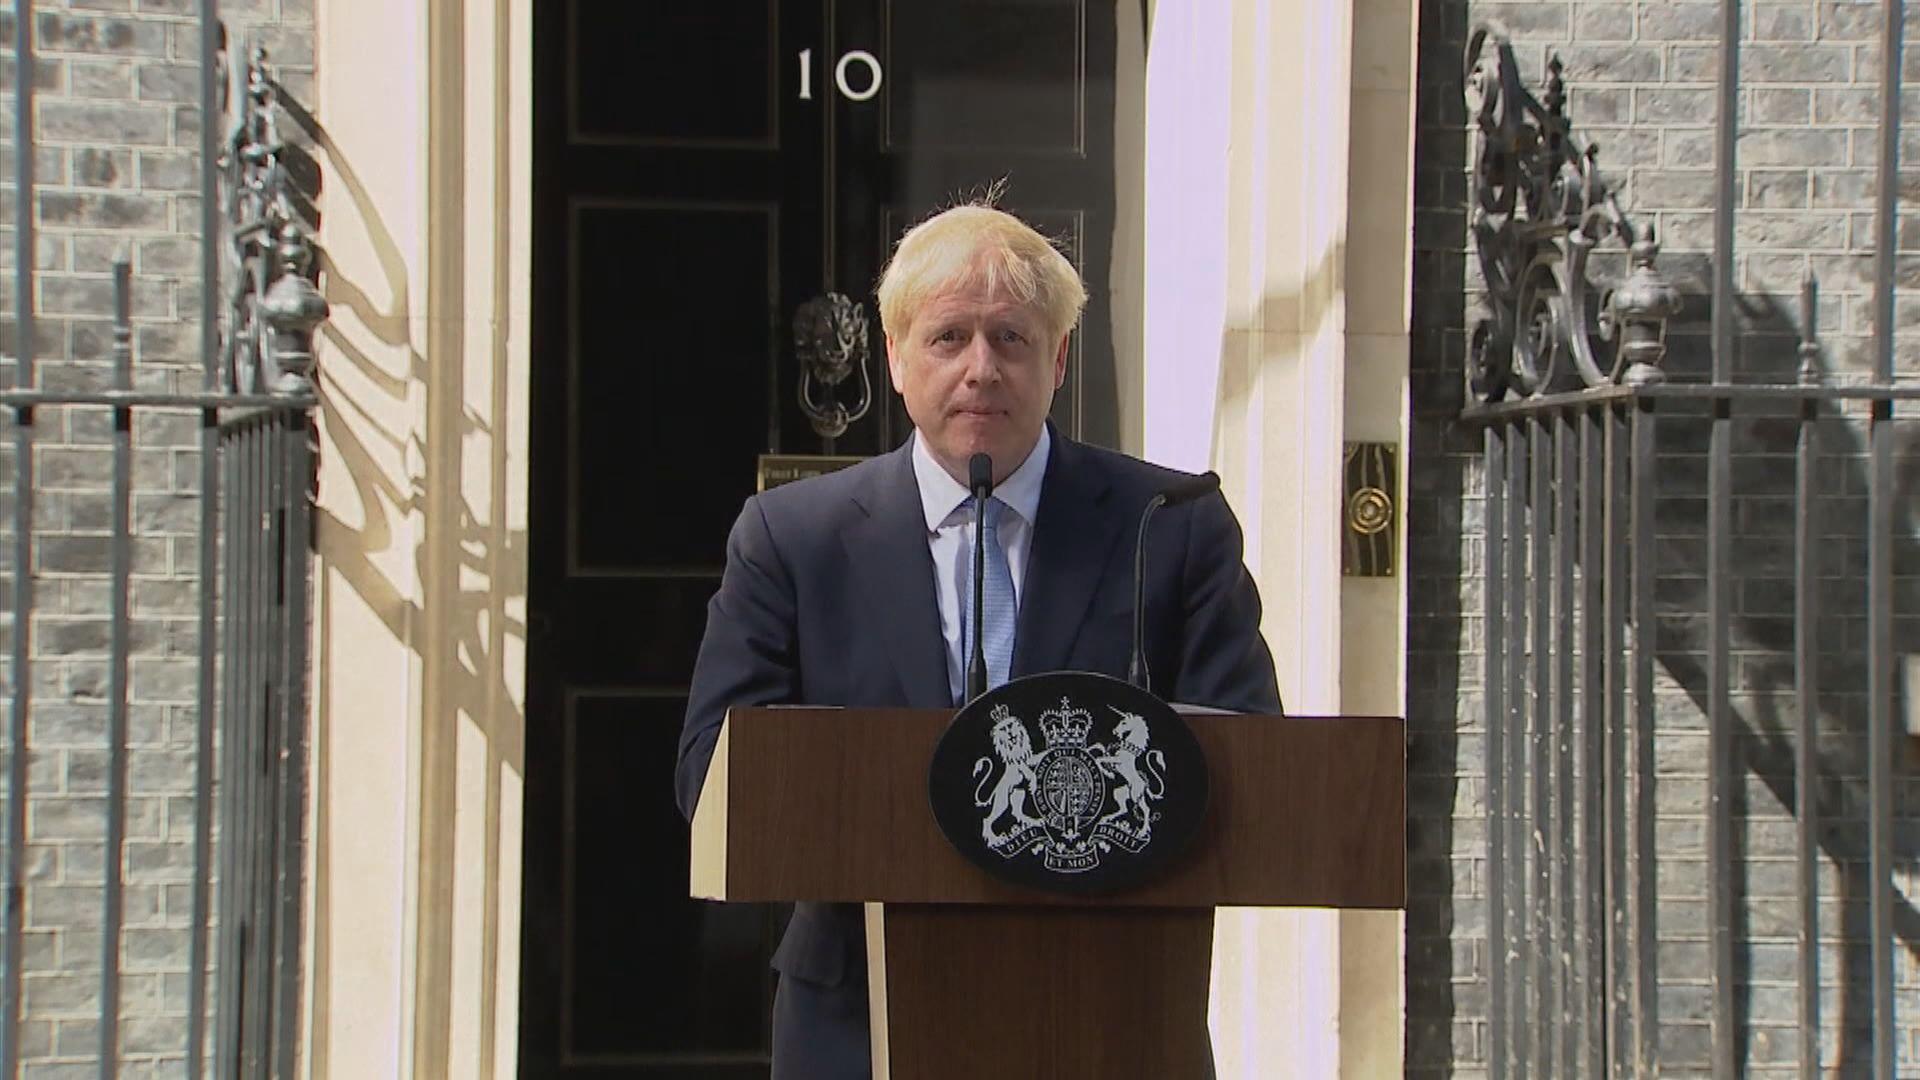 約翰遜建立強硬脫歐派內閣 前朝閣員逾半被撤換